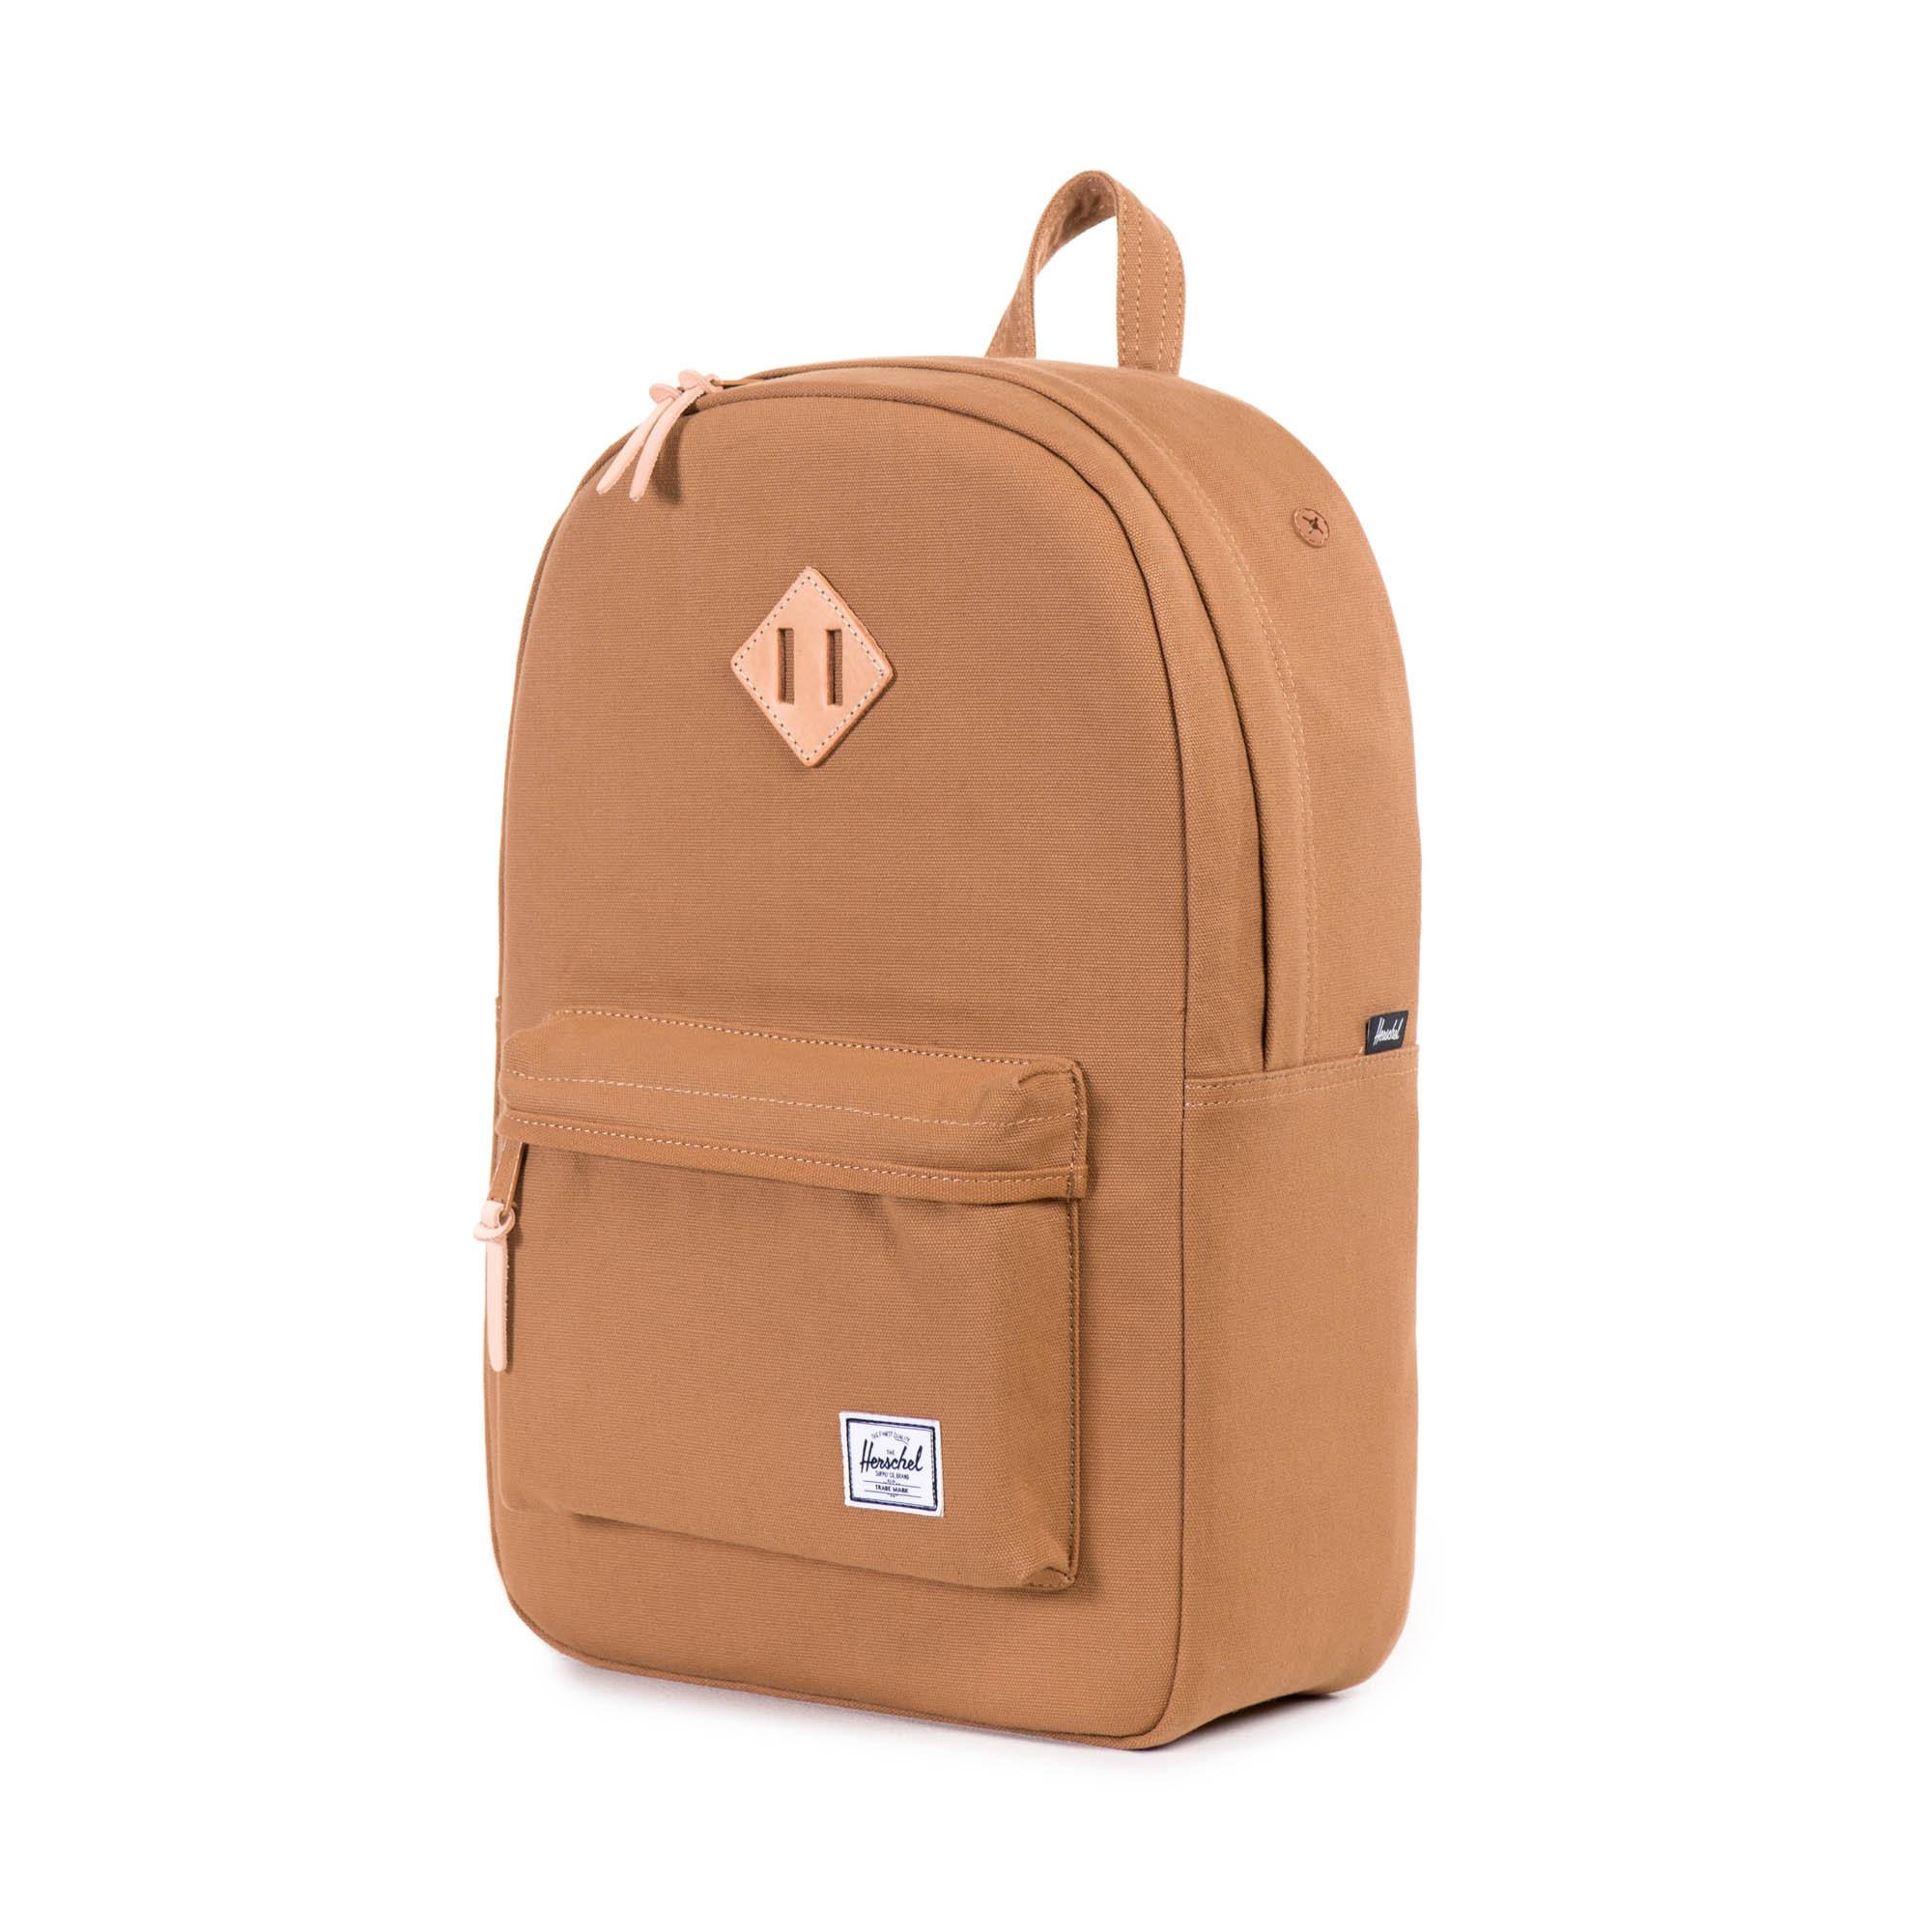 herschel supply co heritage backpack in beige caramel 12oz cotton canvas lyst. Black Bedroom Furniture Sets. Home Design Ideas